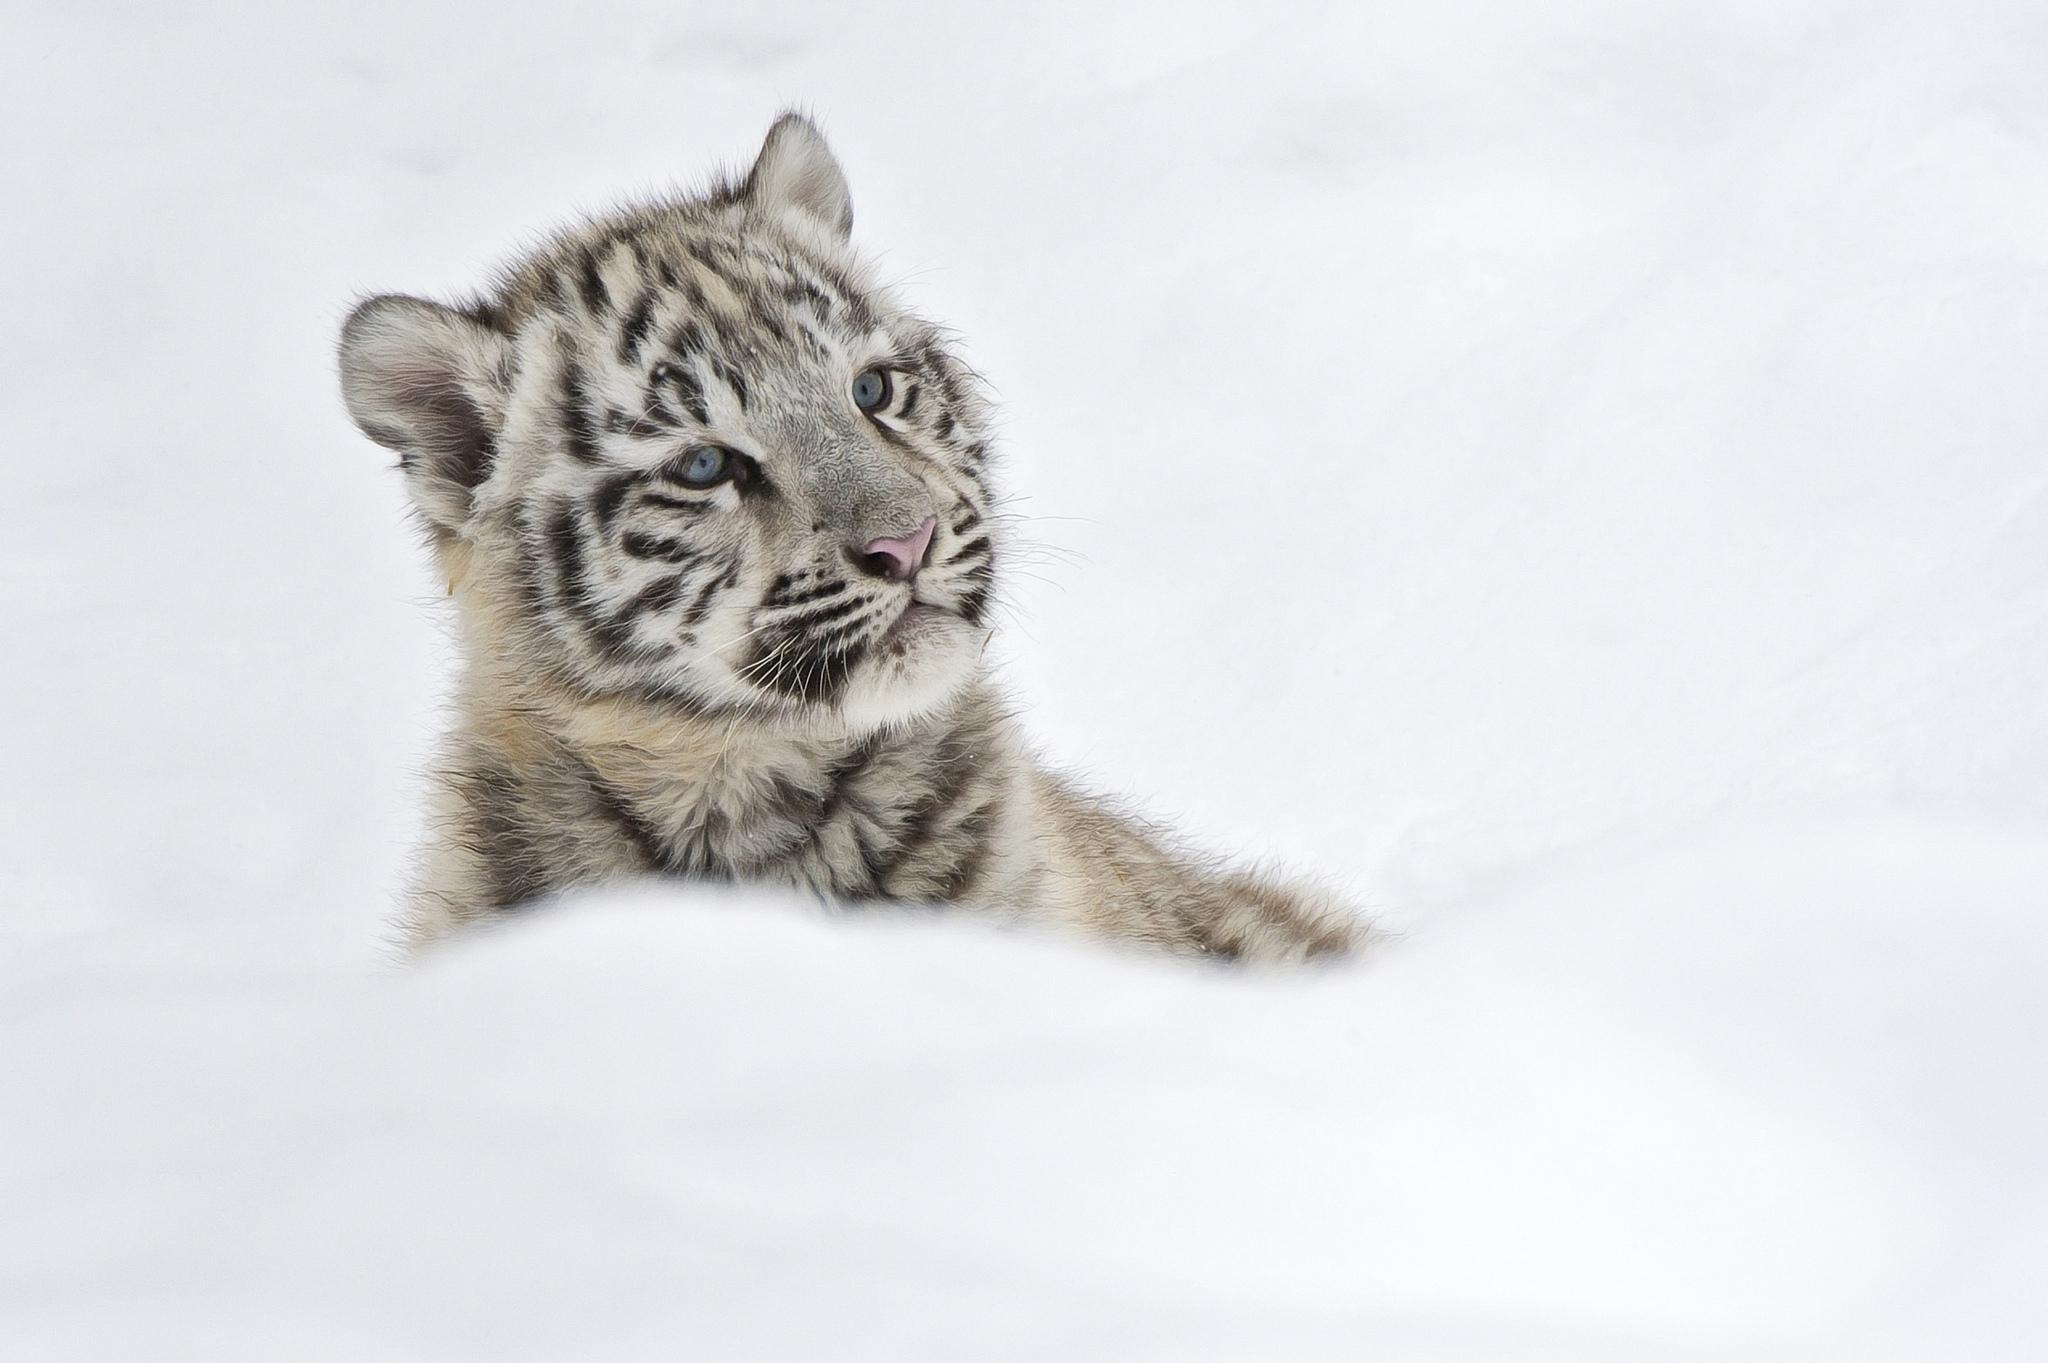 51884 Hintergrundbild herunterladen Tiere, Schnee, Junge, Tiger, Joey, Albino - Bildschirmschoner und Bilder kostenlos